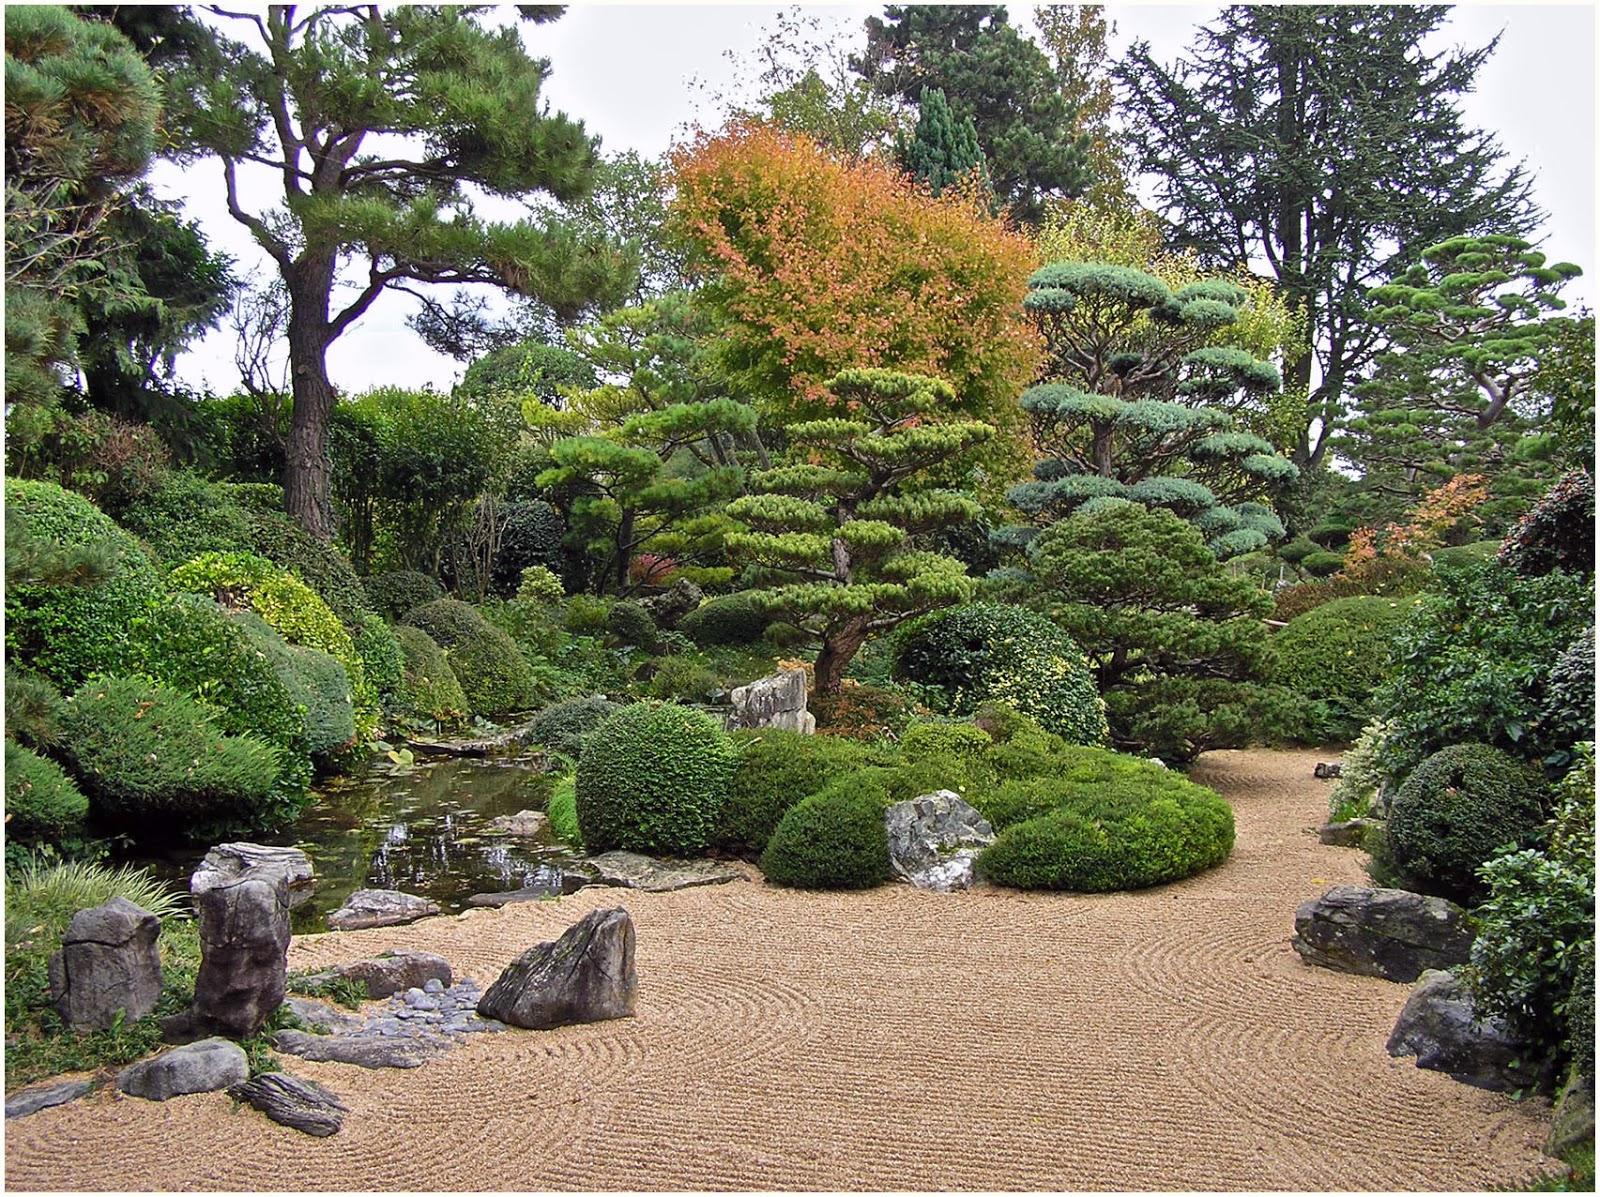 Curieux jardin restons zen dans le jardin d 39 erik borja de beaumont monteux - Beaumont monteux jardin zen ...